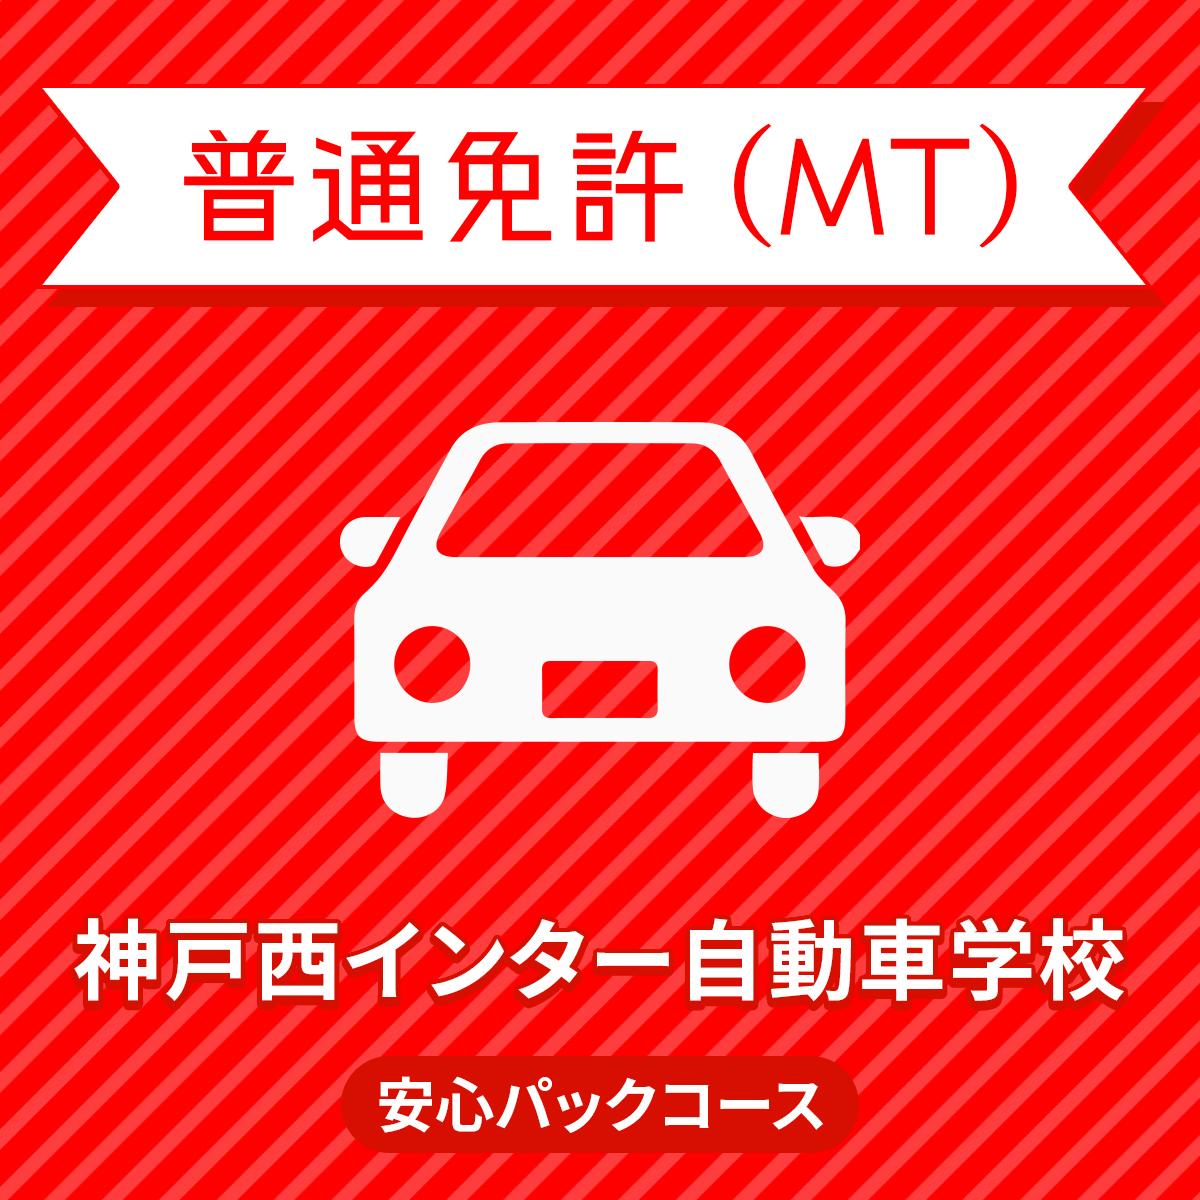 【兵庫県神戸市】普通車MT安心パックコース(一般料金)<29歳まで・免許なし/原付免許所持対象>